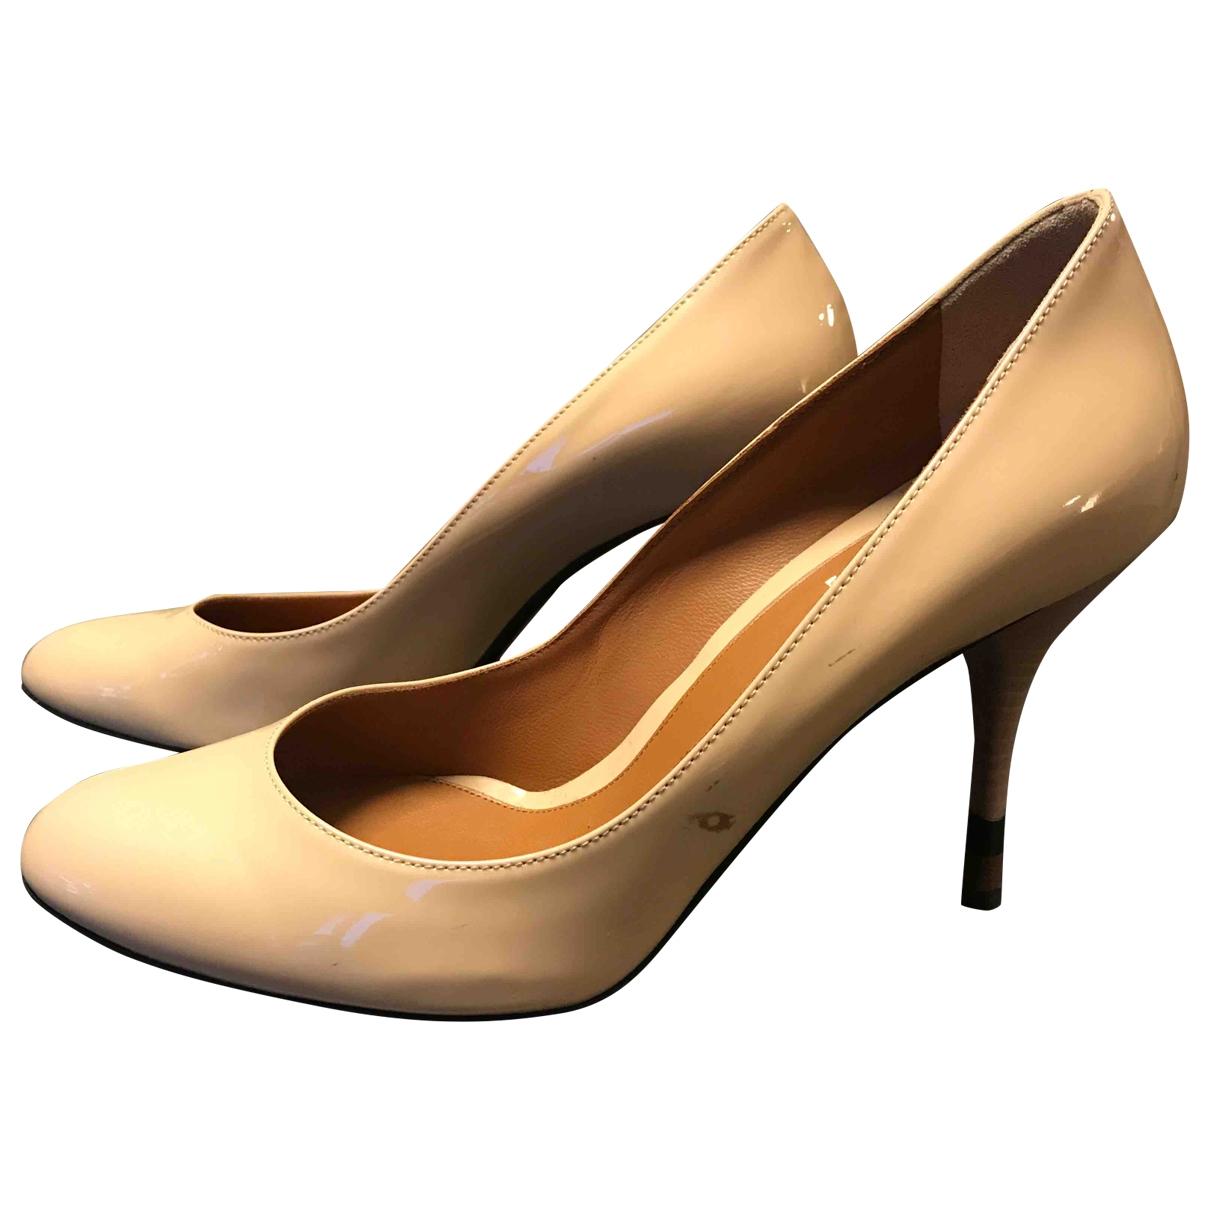 Fendi - Escarpins   pour femme en cuir verni - beige